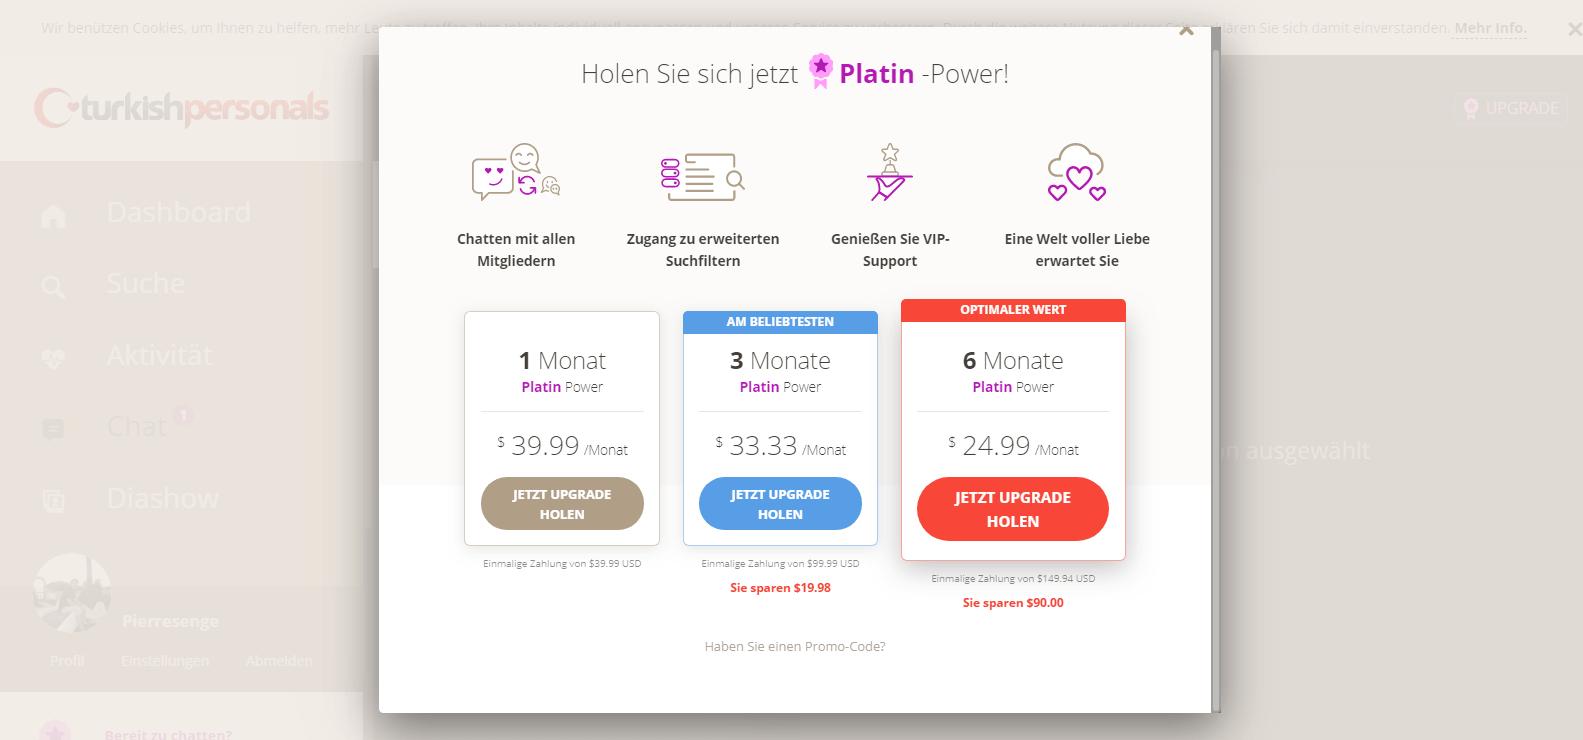 Pink Cloud Travel Service - schwules und lesbisches Reisen - Make sure you travel with friends